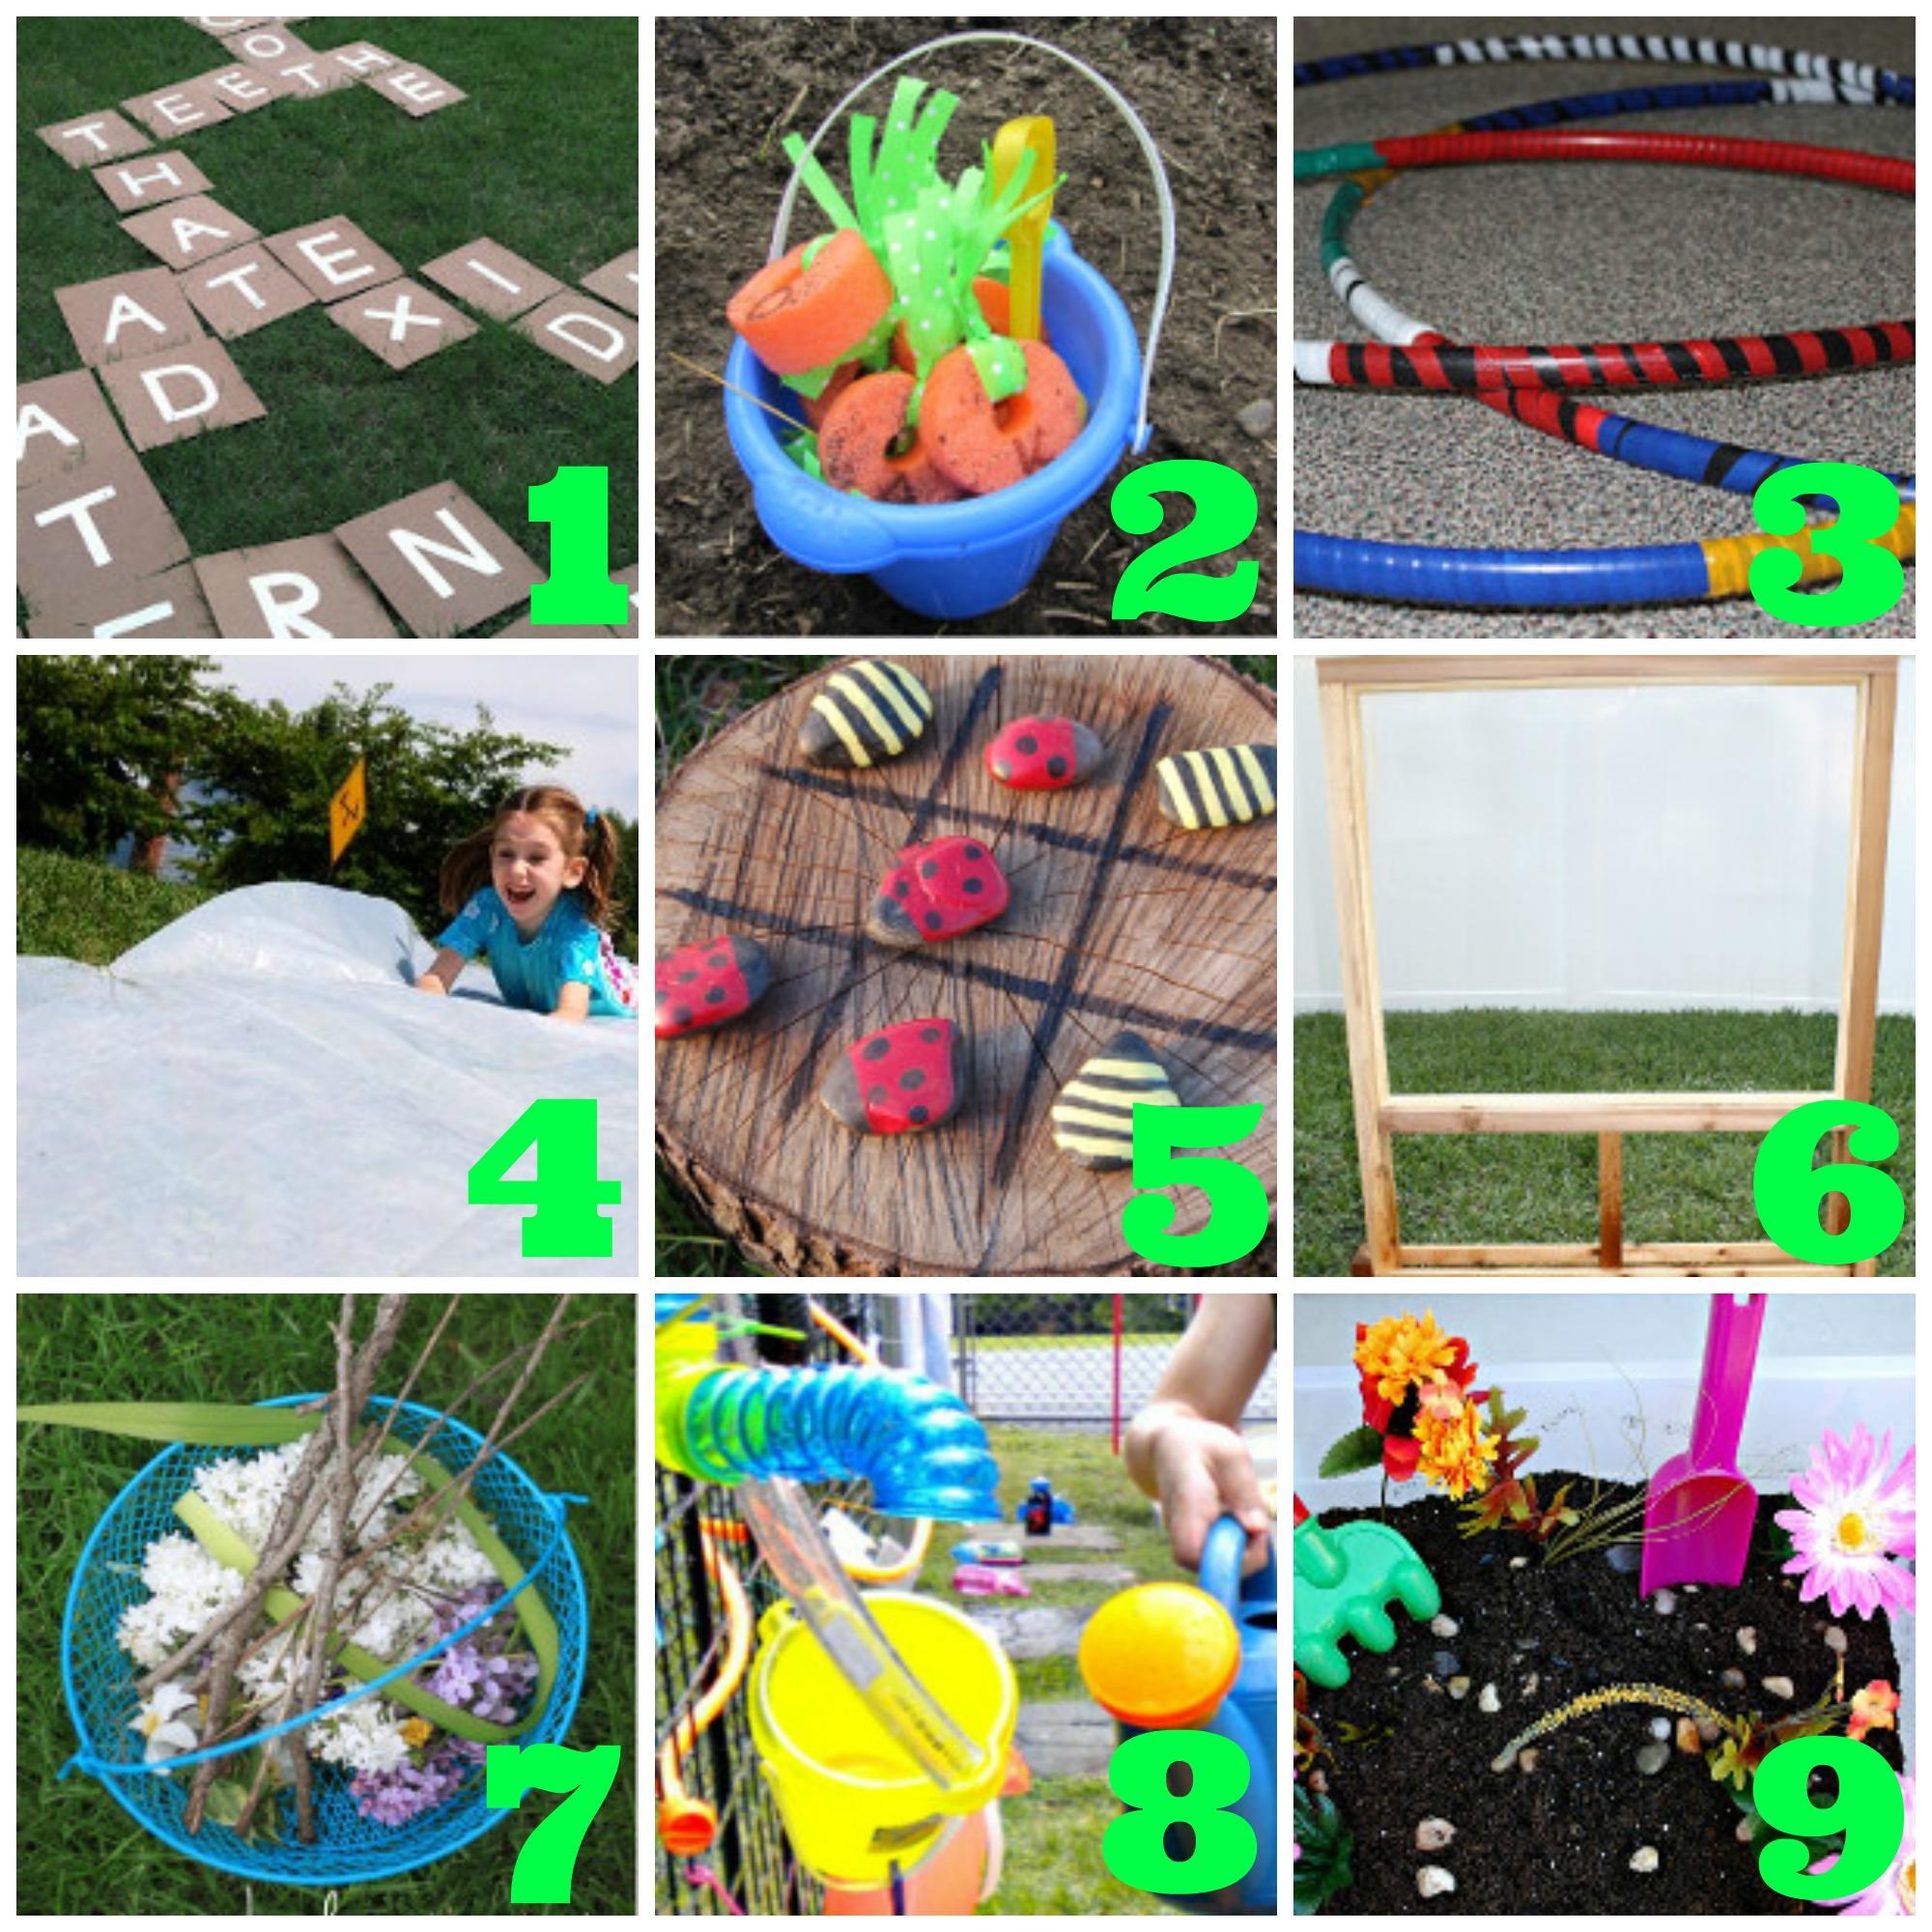 outdoor activities link love Link Love: Outdoor Activities for Your Summer Bucketlist